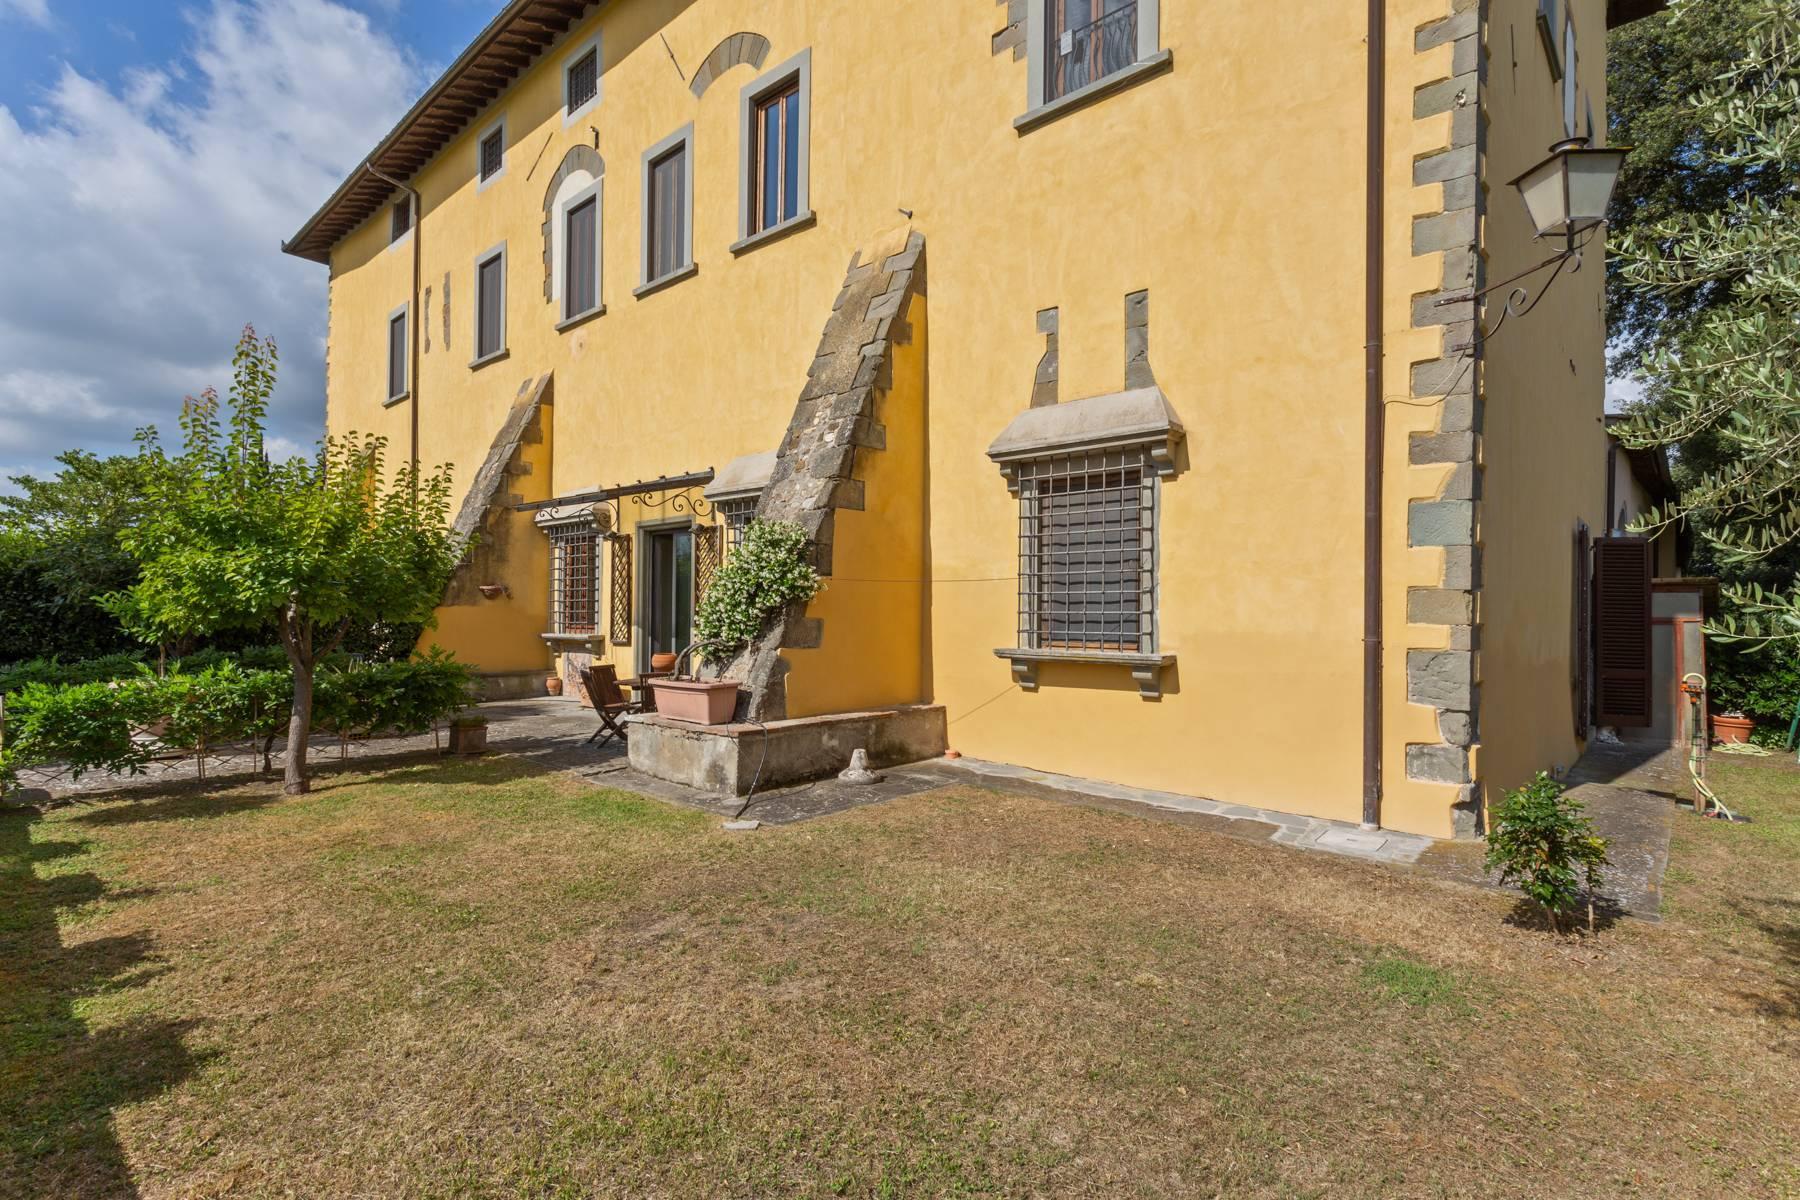 Schöne Wohnung in historischer Villa aus dem 16. Jahrhundert mit Garten - 3